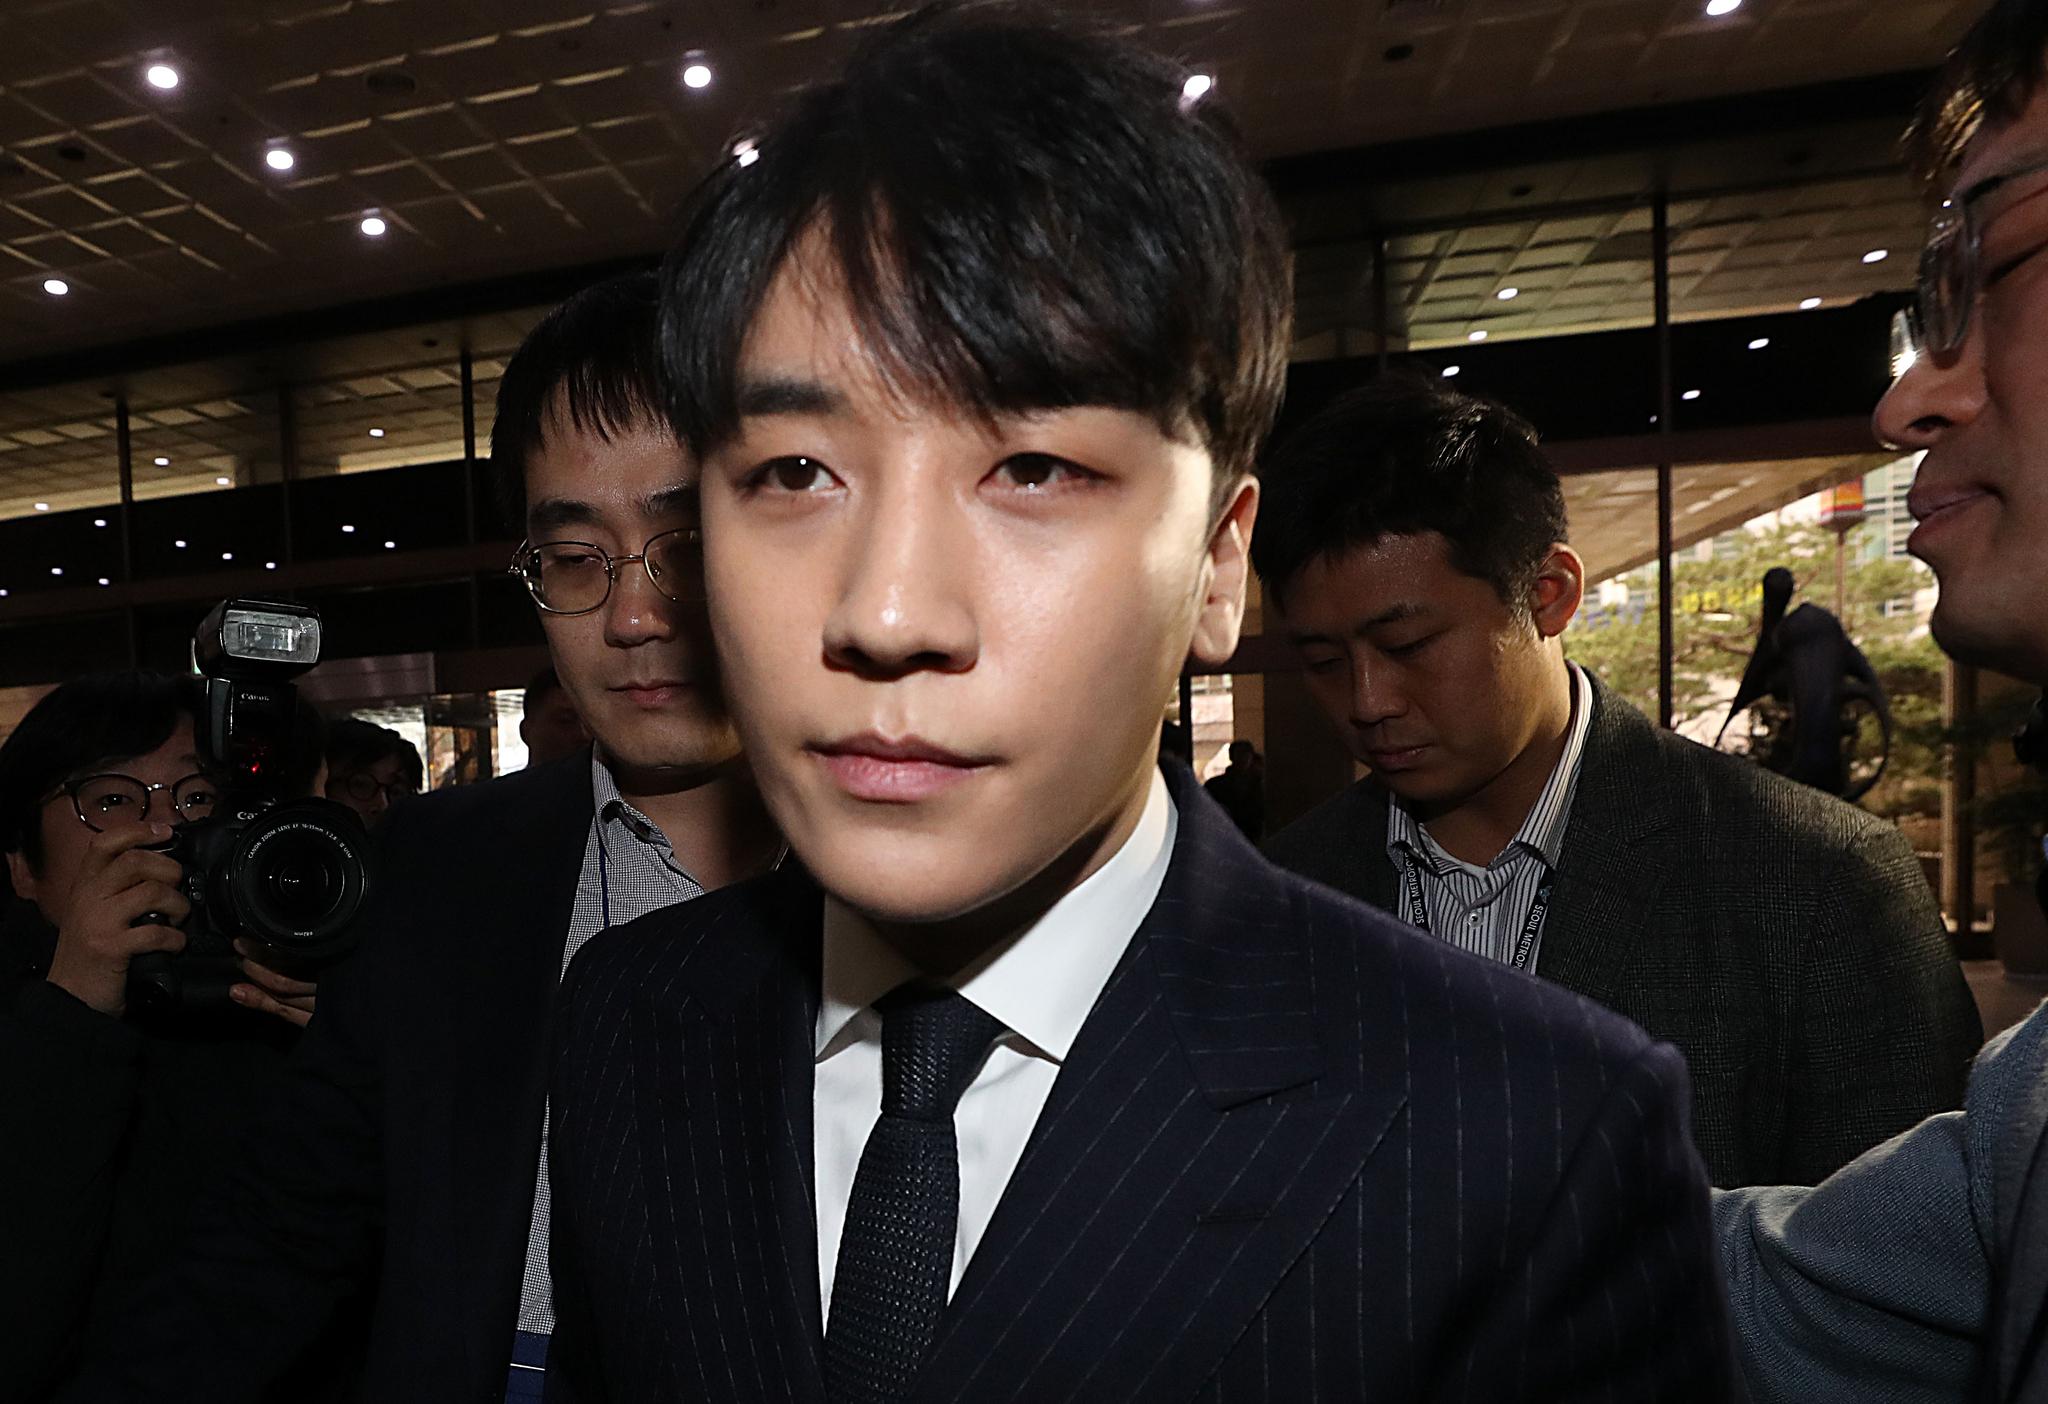 성접대 의혹이 불거진 빅뱅 멤버 승리(본명 이승현). [연합뉴스]